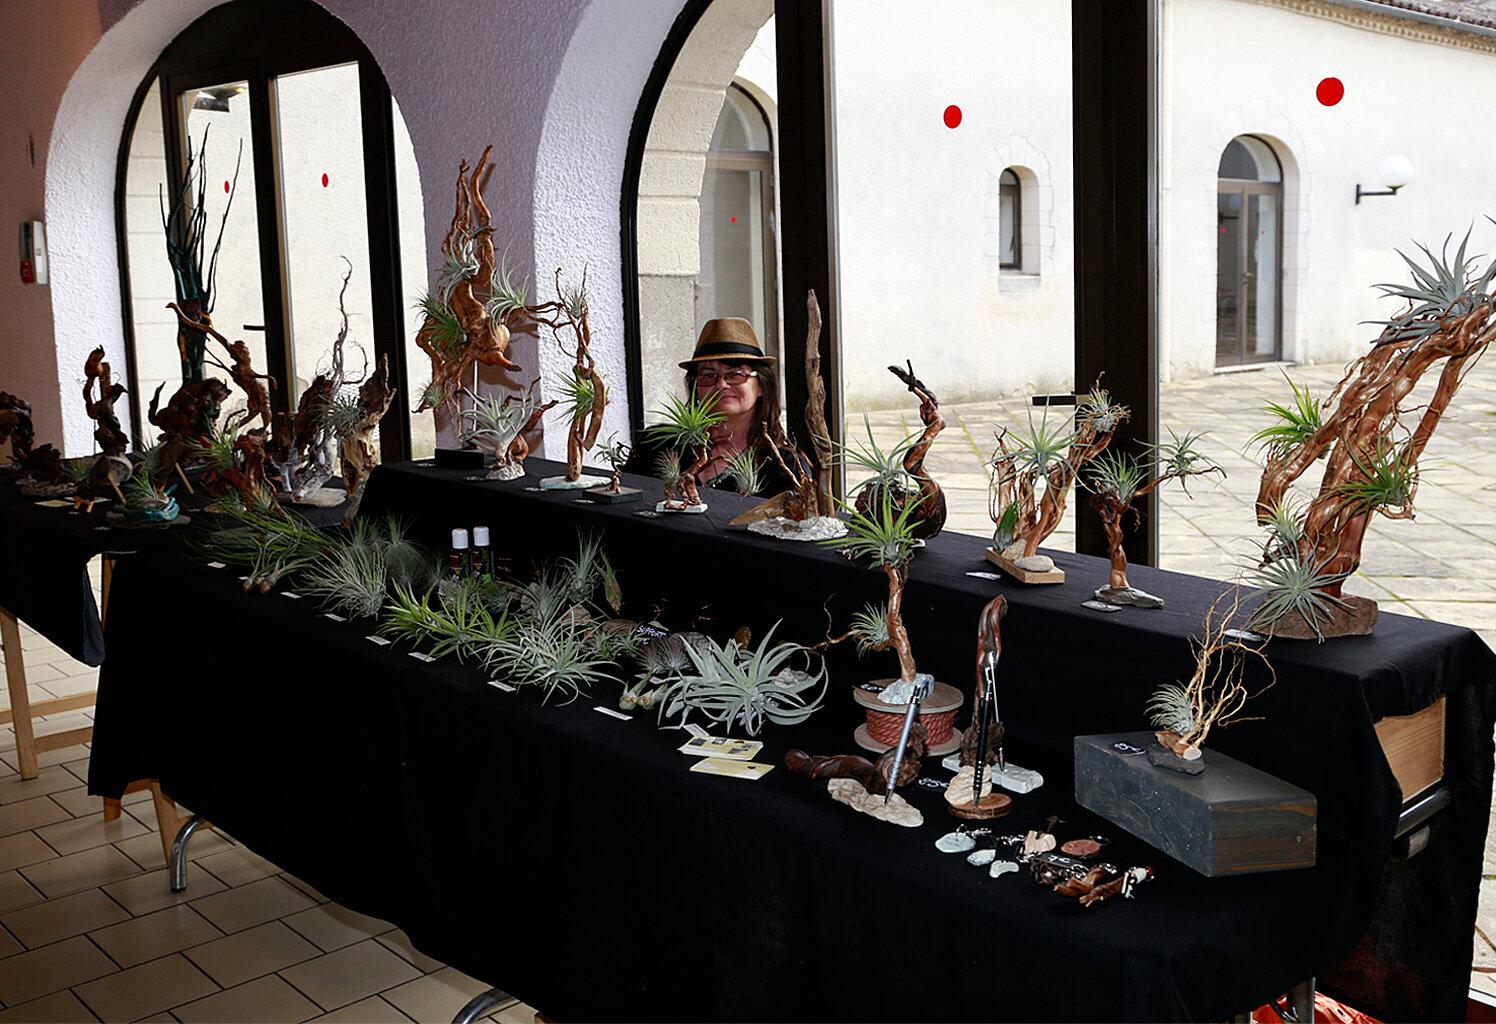 Salon des arts 25-26 janvier 2020 - GG1 (6)